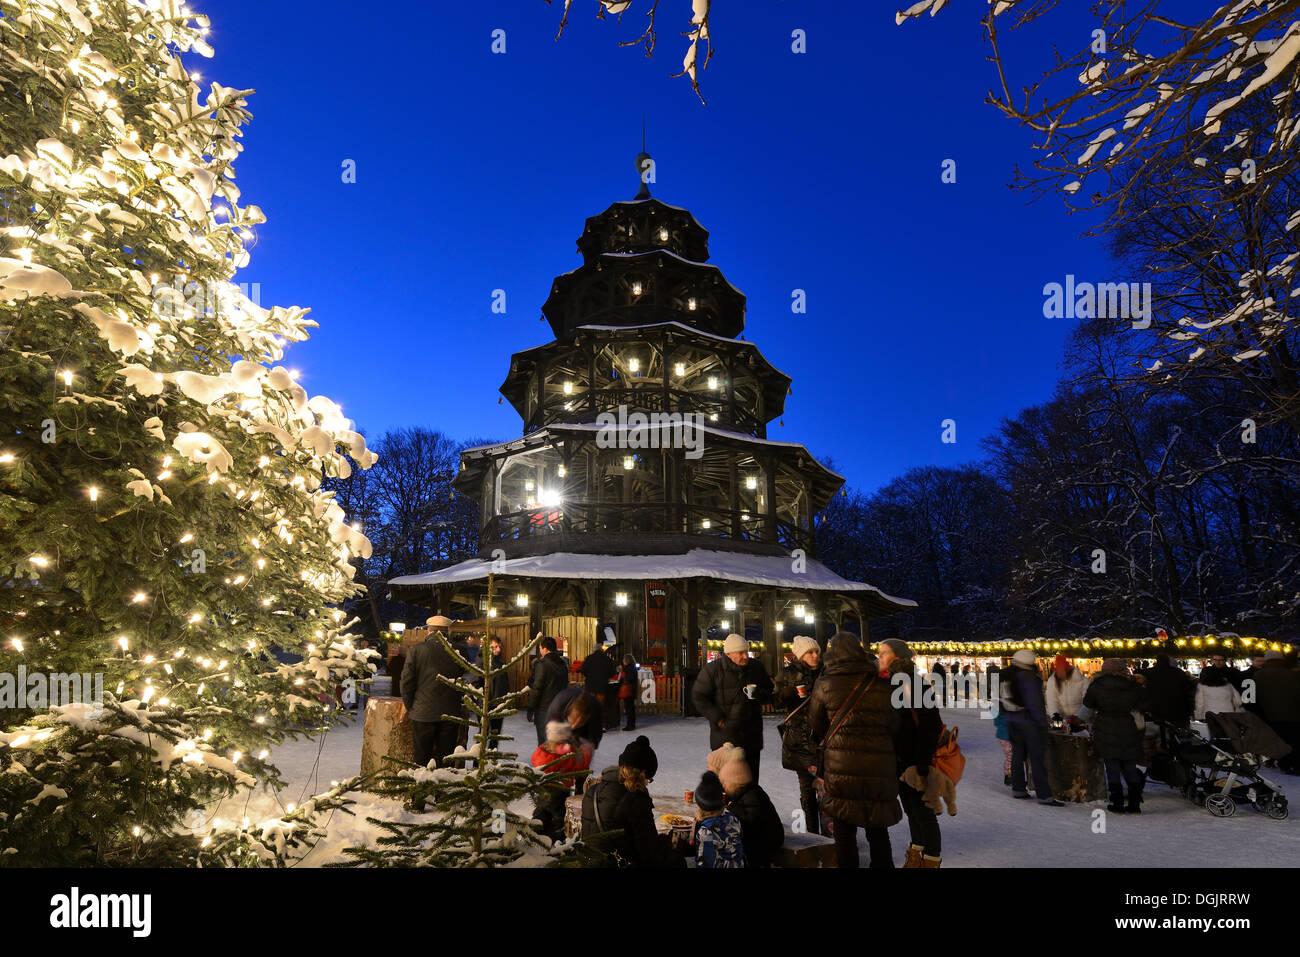 Marché de Noël à la Tour Chinoise, jardins anglais, München, Munich, Haute-Bavière, Bavière, Allemagne Banque D'Images